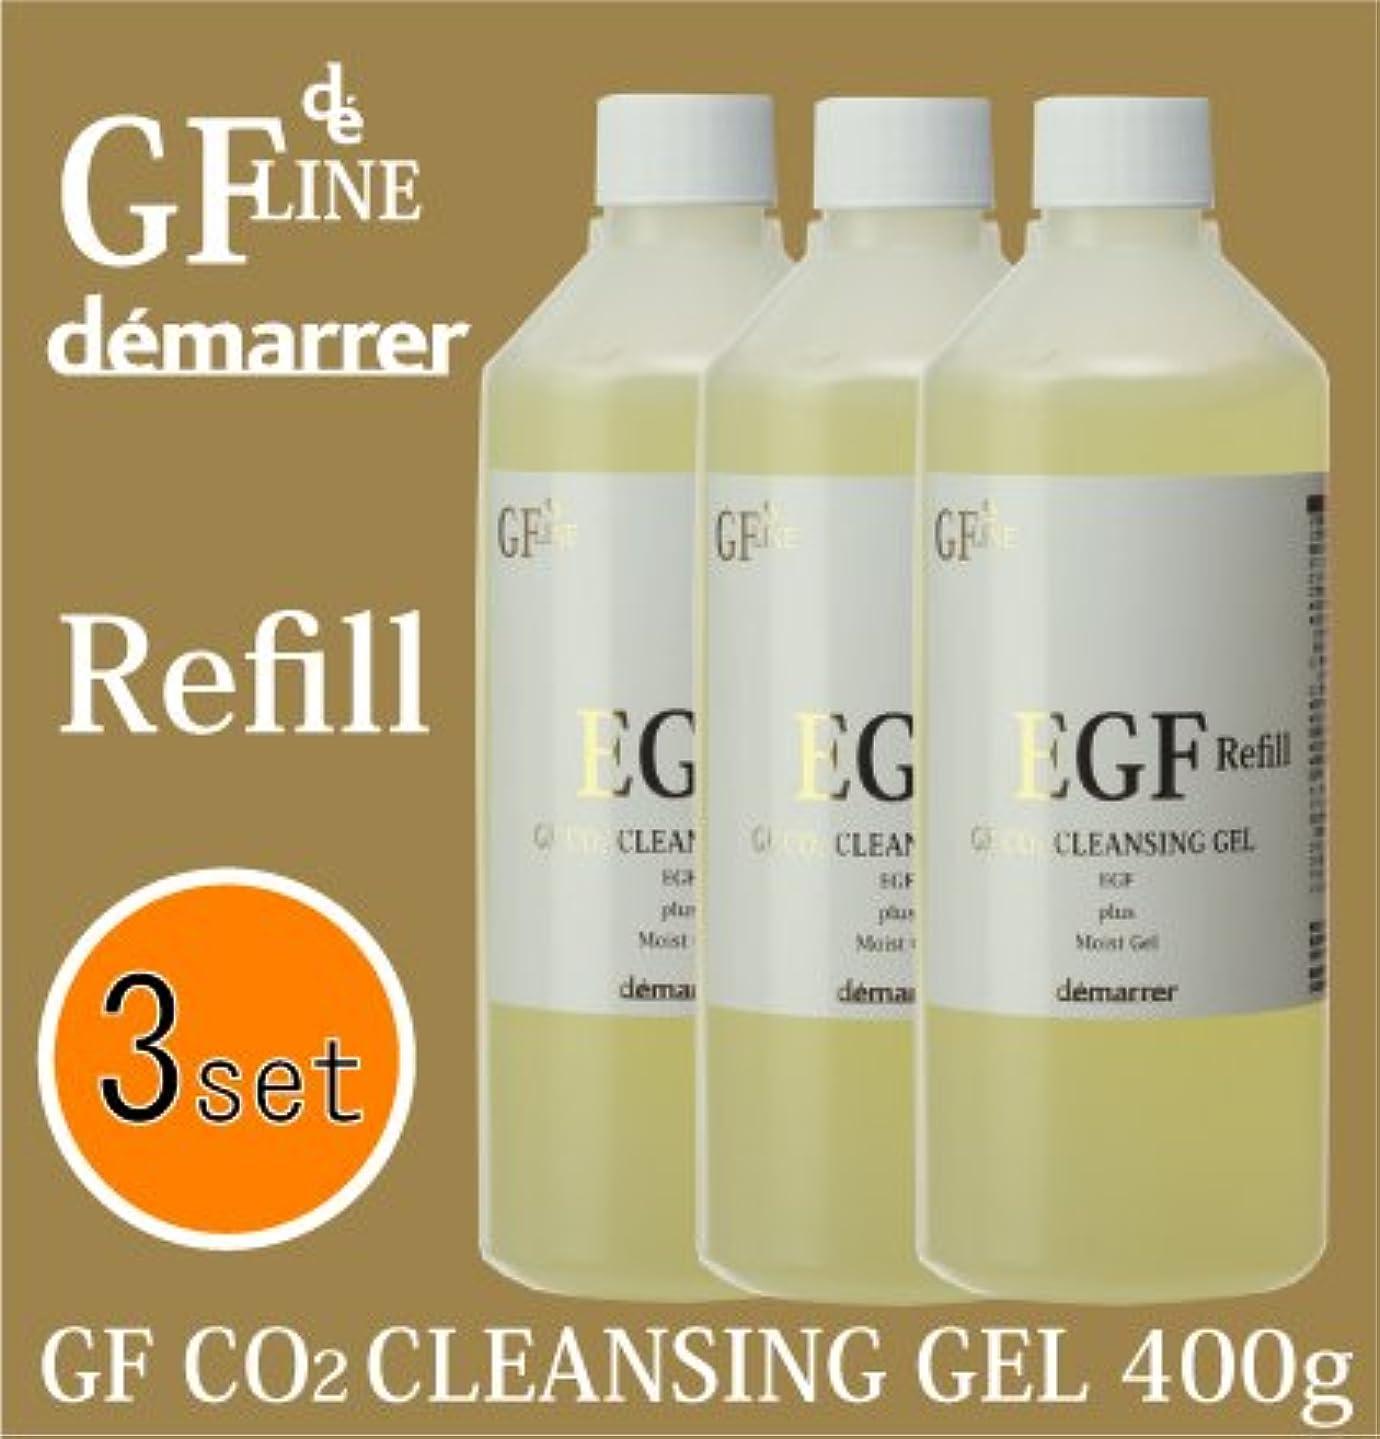 保存する用心する両方デマレ GF 炭酸洗顔クレンジン 400g レフィル 詰替用 3本セット